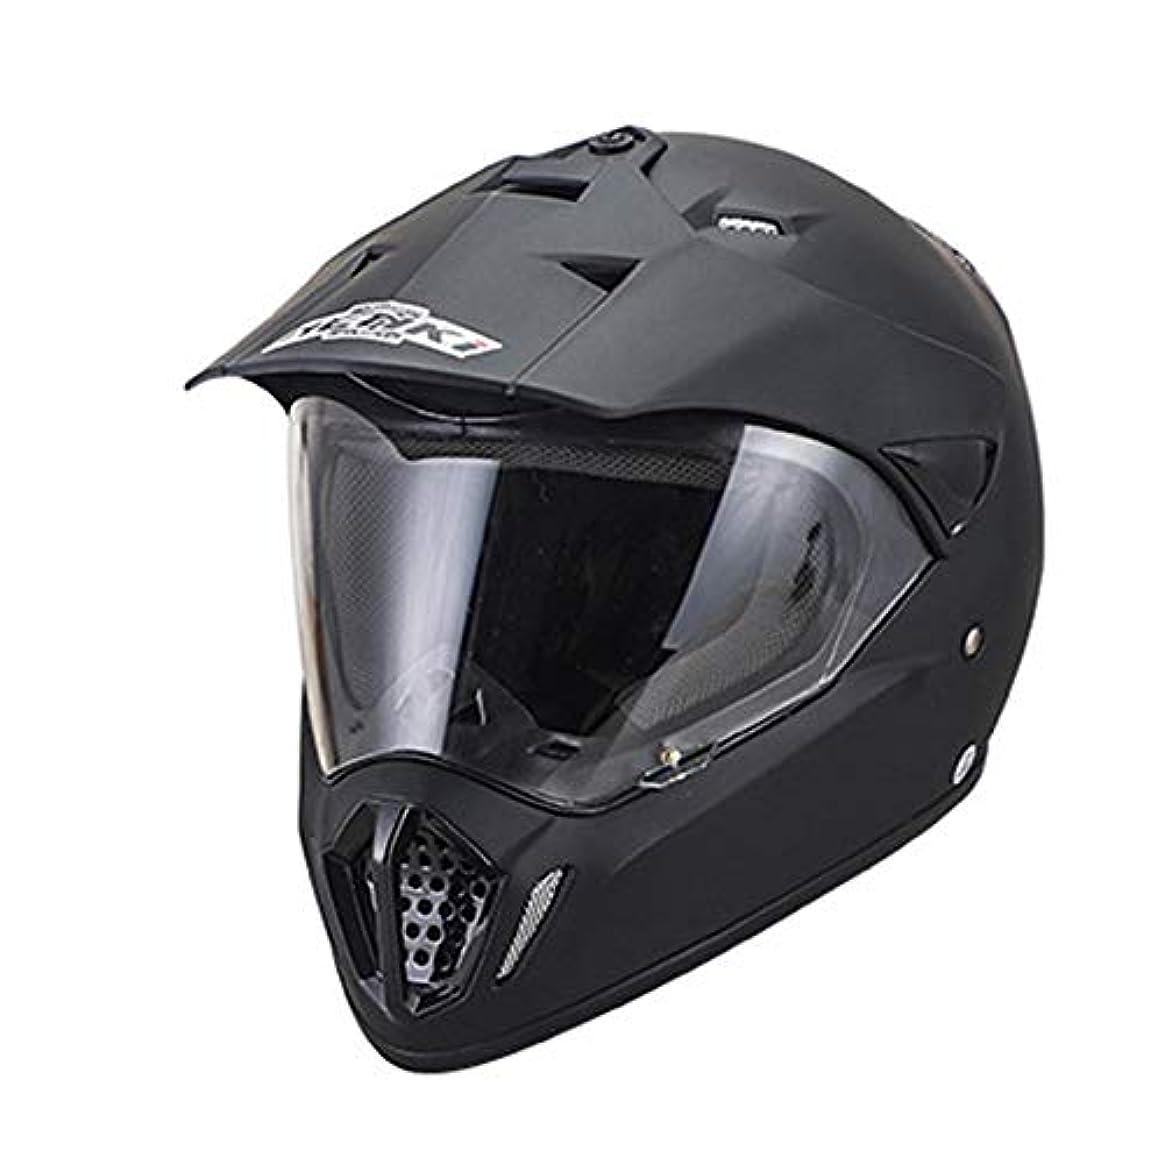 権利を与えるわかる残忍なHYH モトクロスヘルメットオフロードヘルメットレーシング冬人格メンズフルカバーフェイスヘルメットフルフェイスヘルメット四季 - マットブラック - 大 - 通気性の快適さ いい人生